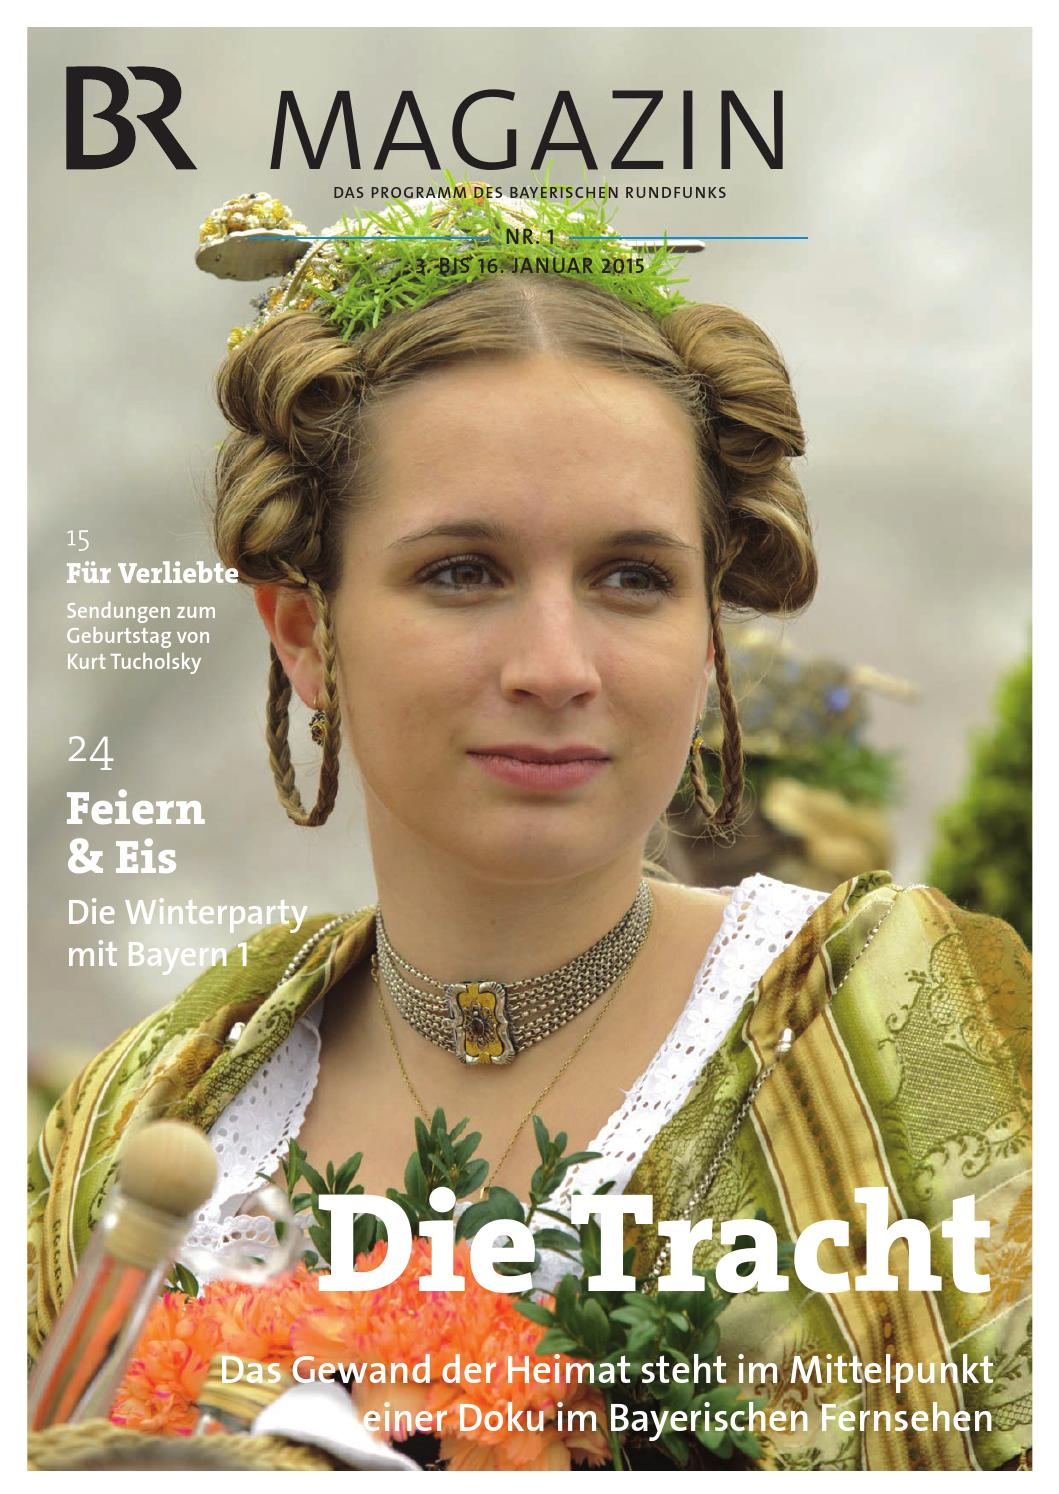 Br Magazin Nr 1 Vom 01 01 2015 By Bayerischer Rundfunk Issuu